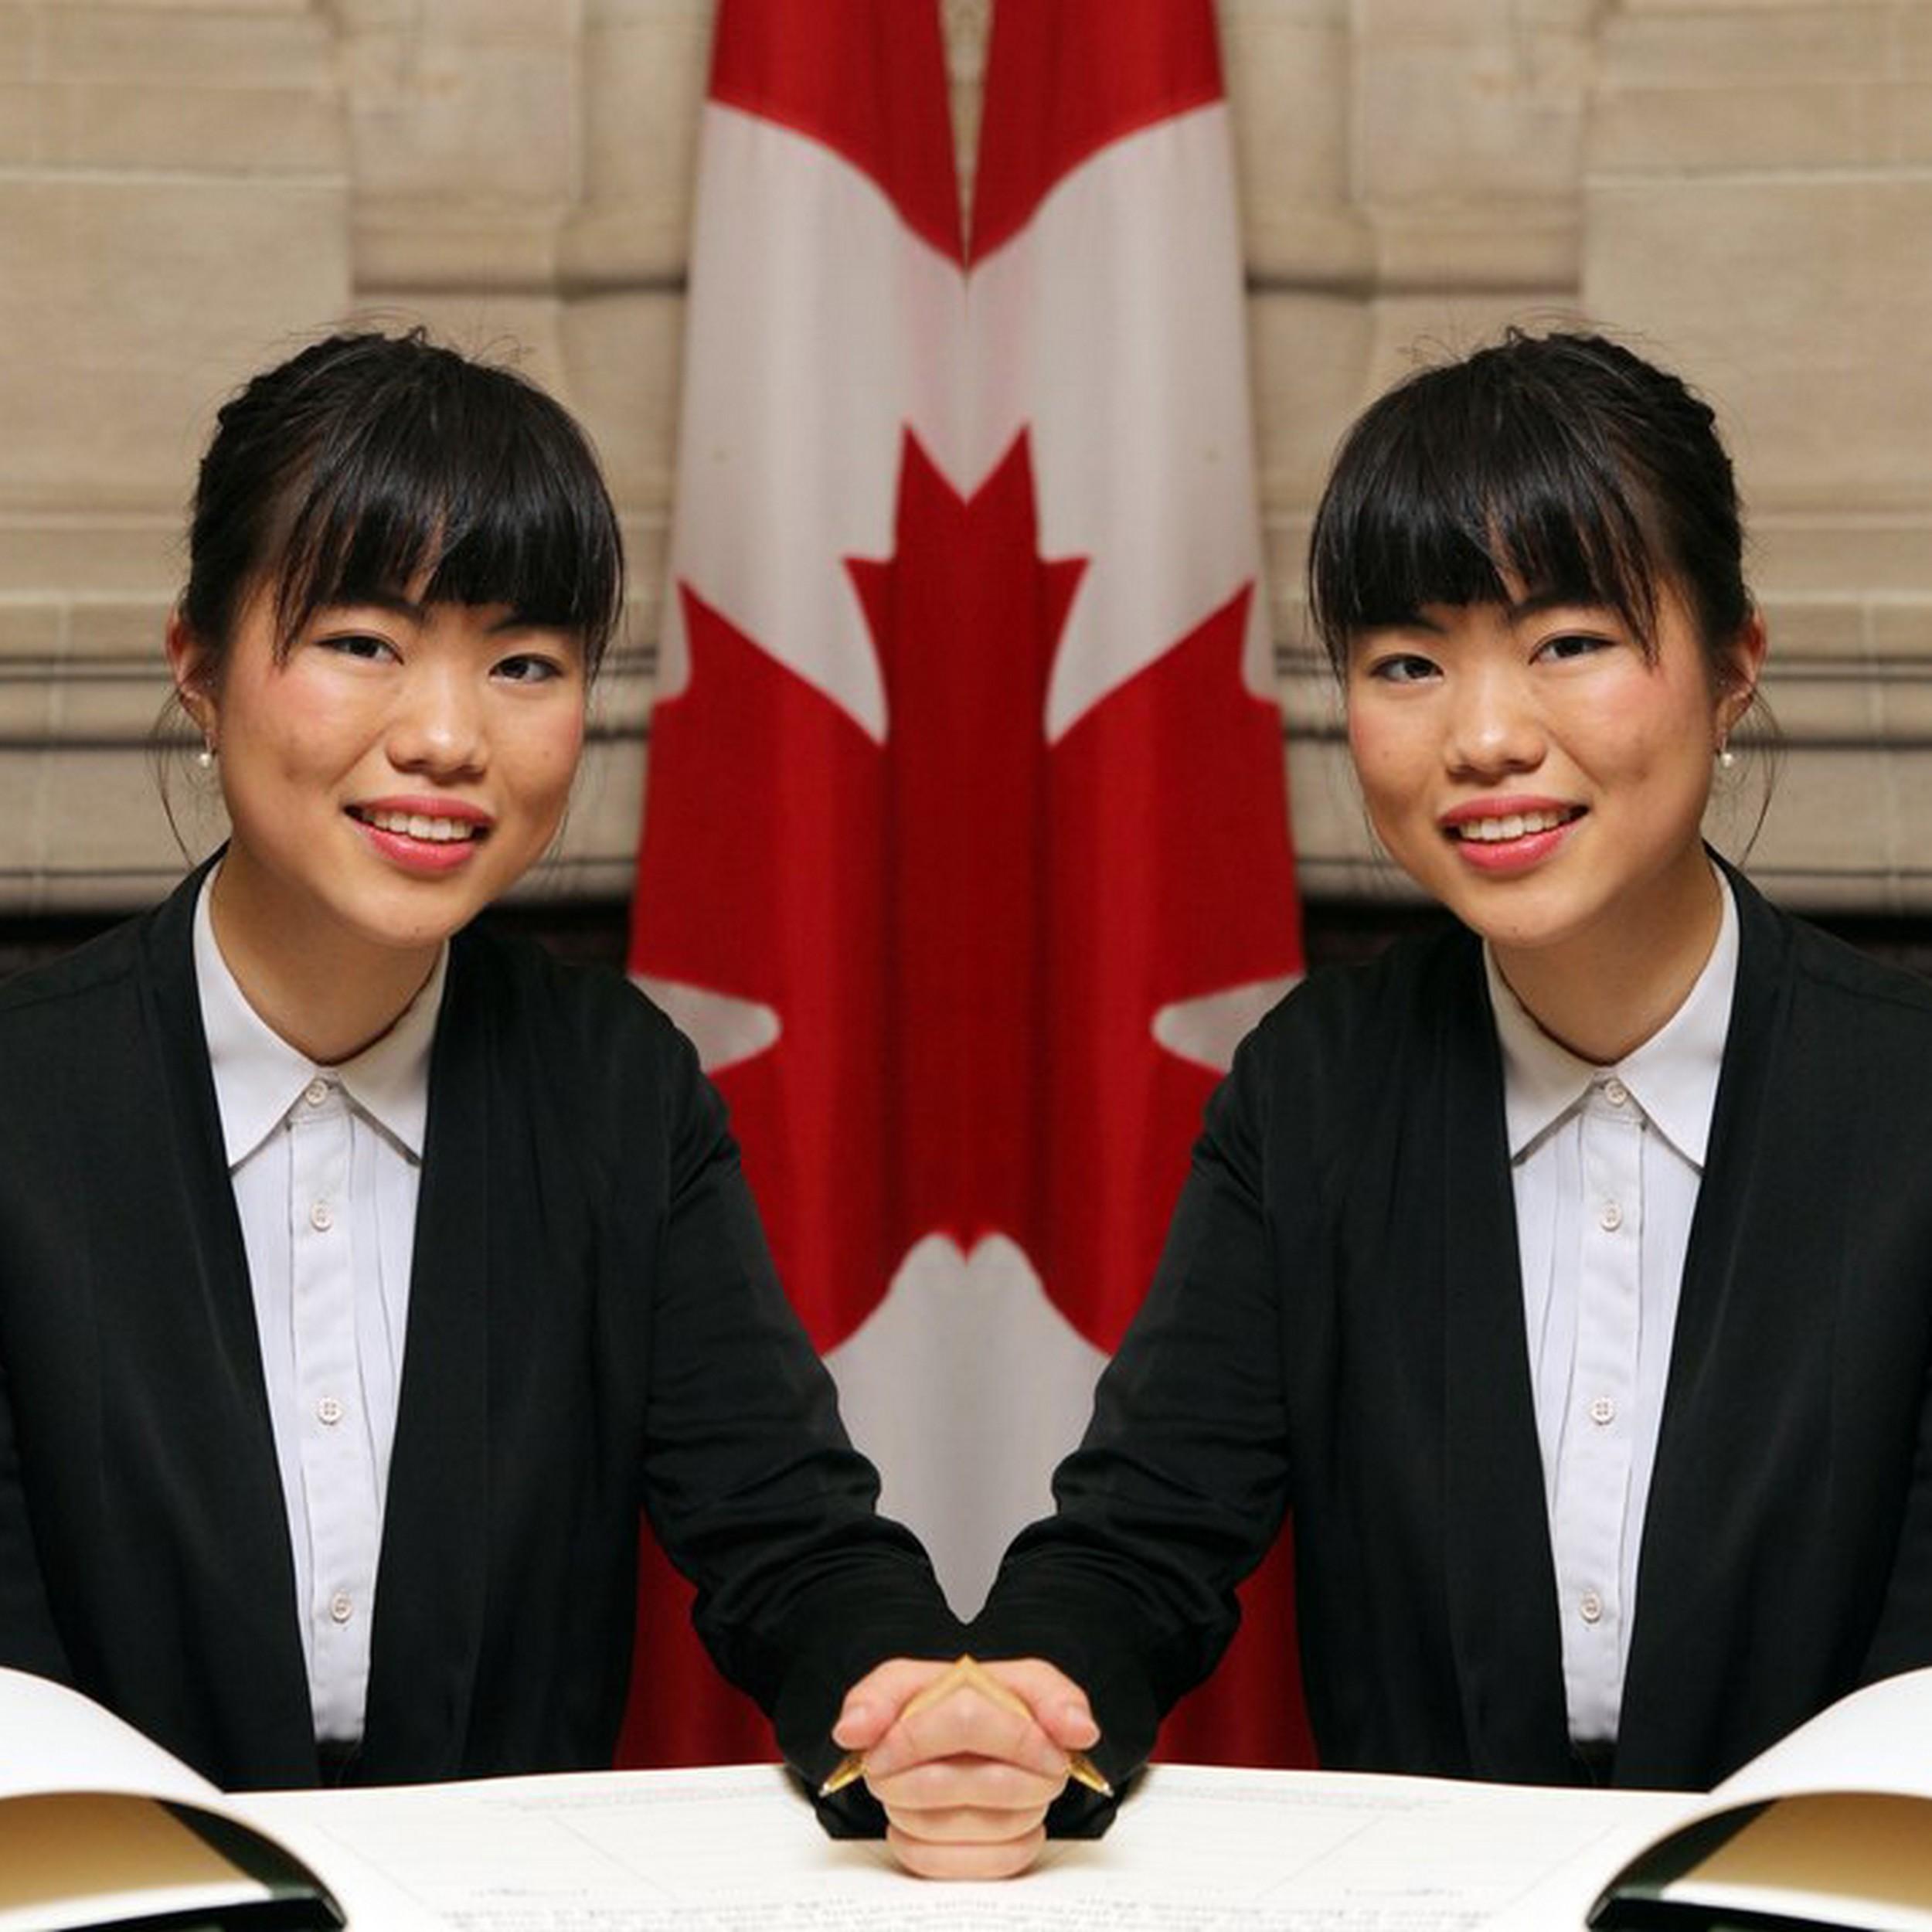 Member of Canadian Parliament Laurin Liu | Original image  source